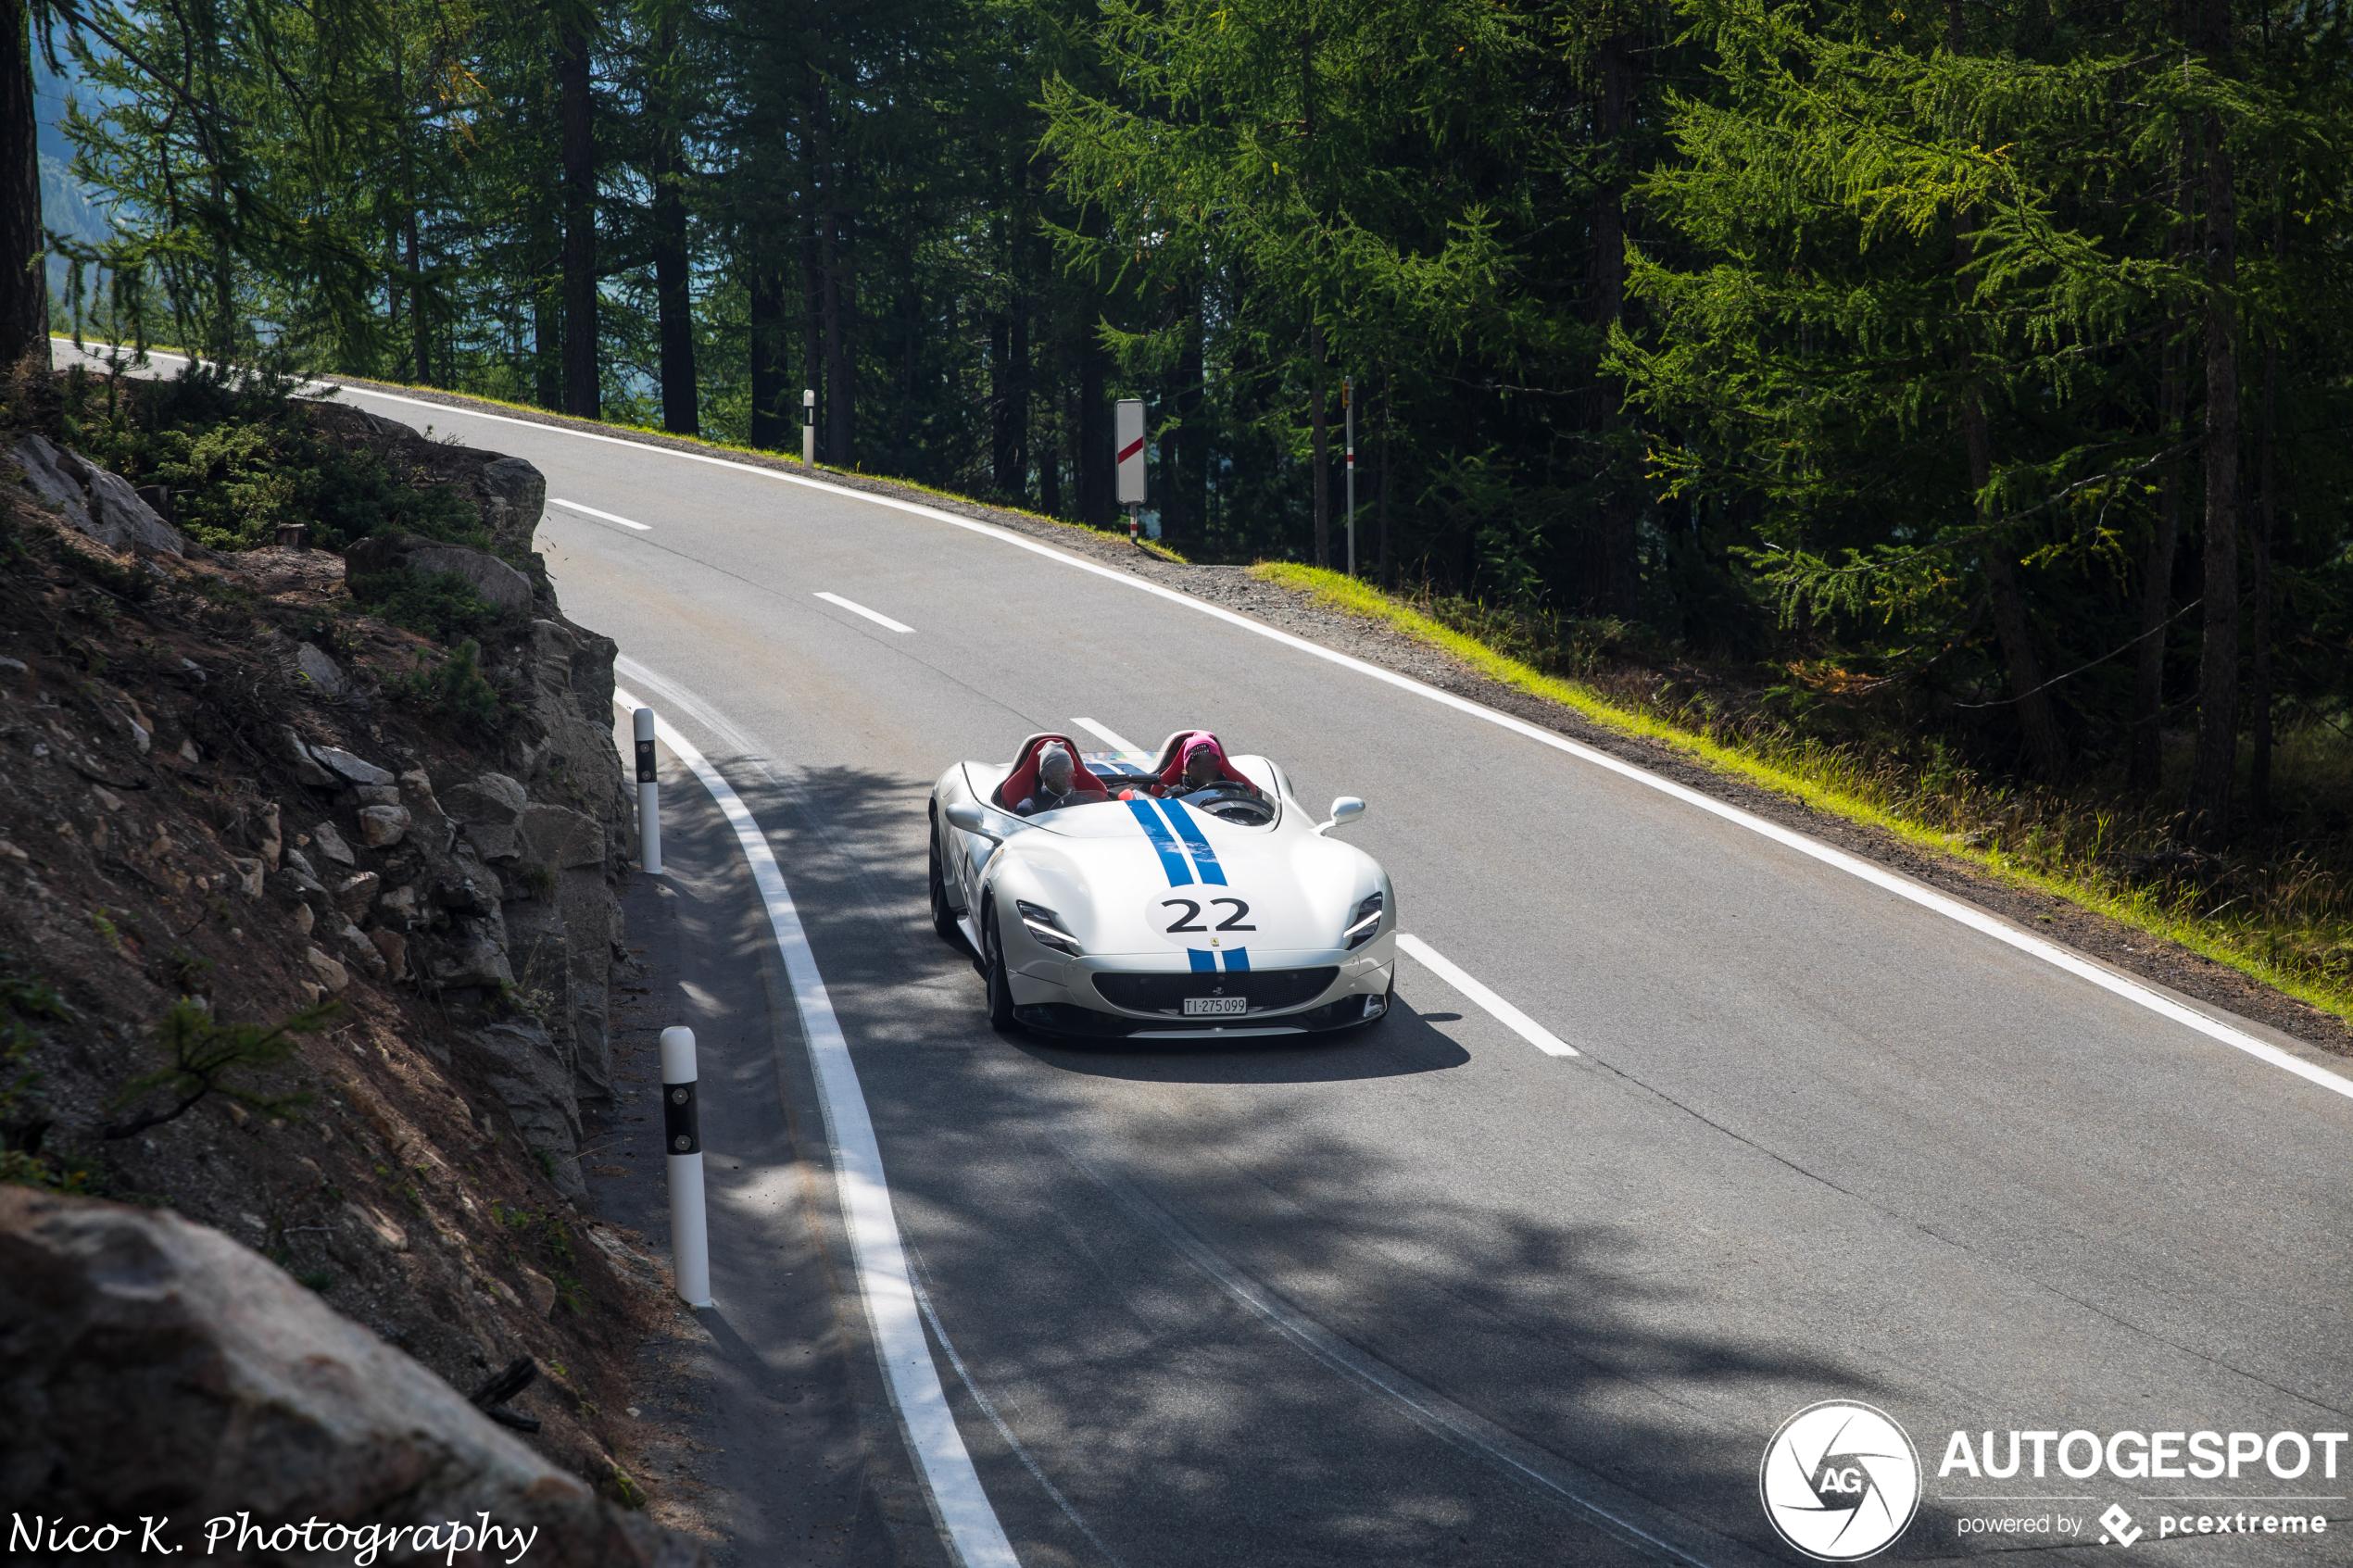 Ferrari Monza SP2 vlamt lekker door de bergen